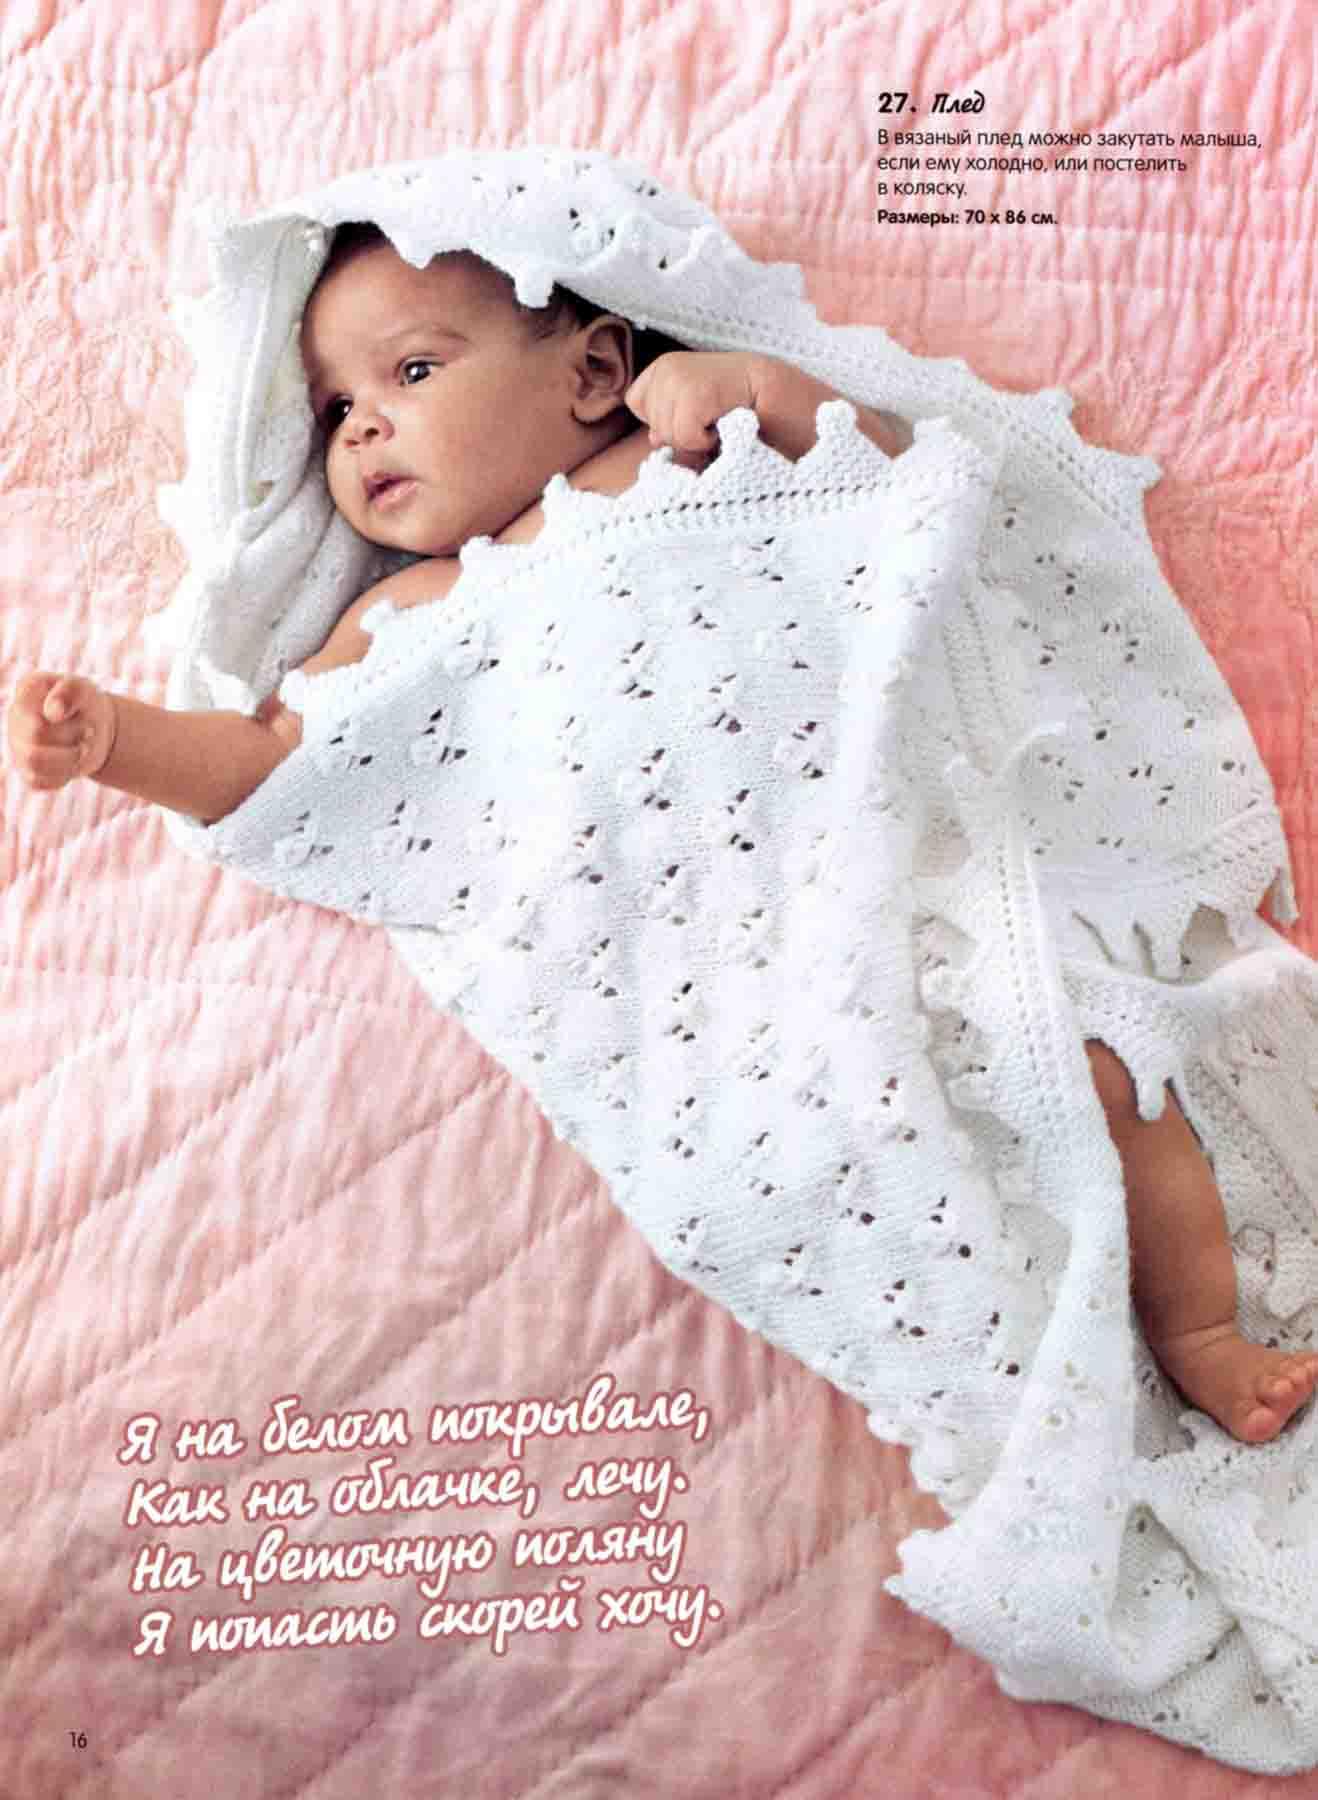 одеяло для новорожденных своими руками 7 вариантов с описанием